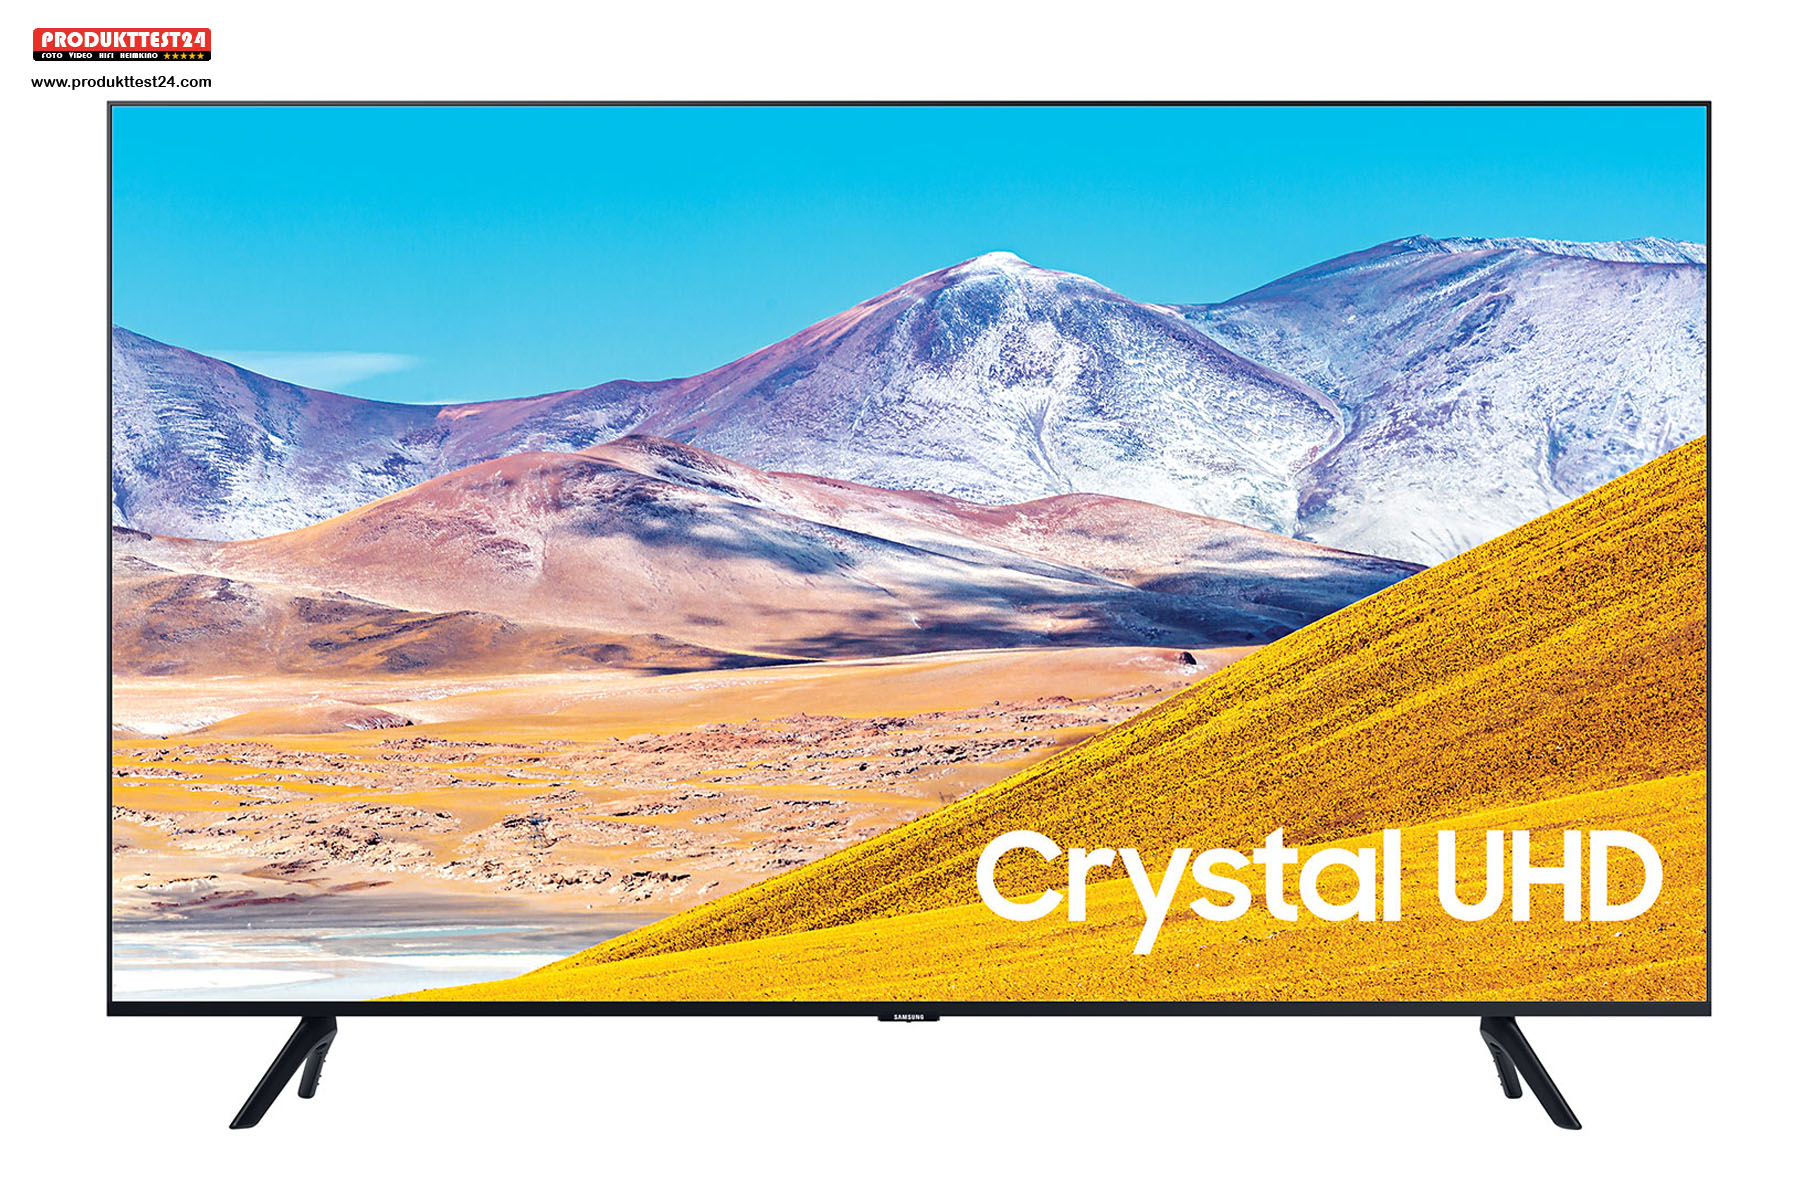 Der 50 Zoll Samsung GU50TU8079 mit SmartTV, Sprachsteuerung und Triple Tuner